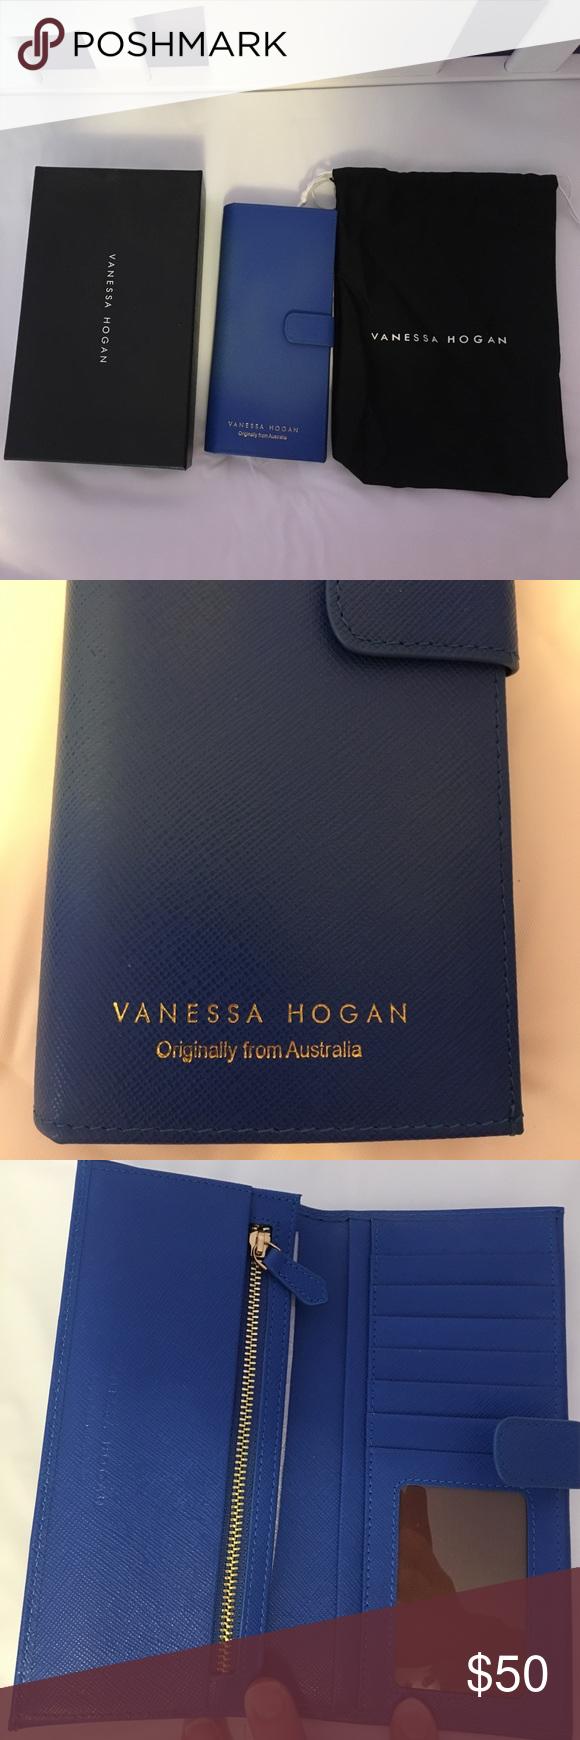 17de4bb537 Royal Blue Vanessa Hogan Snap Wallet Royal Blue Vanessa Hogan snap wallet  with bill, change